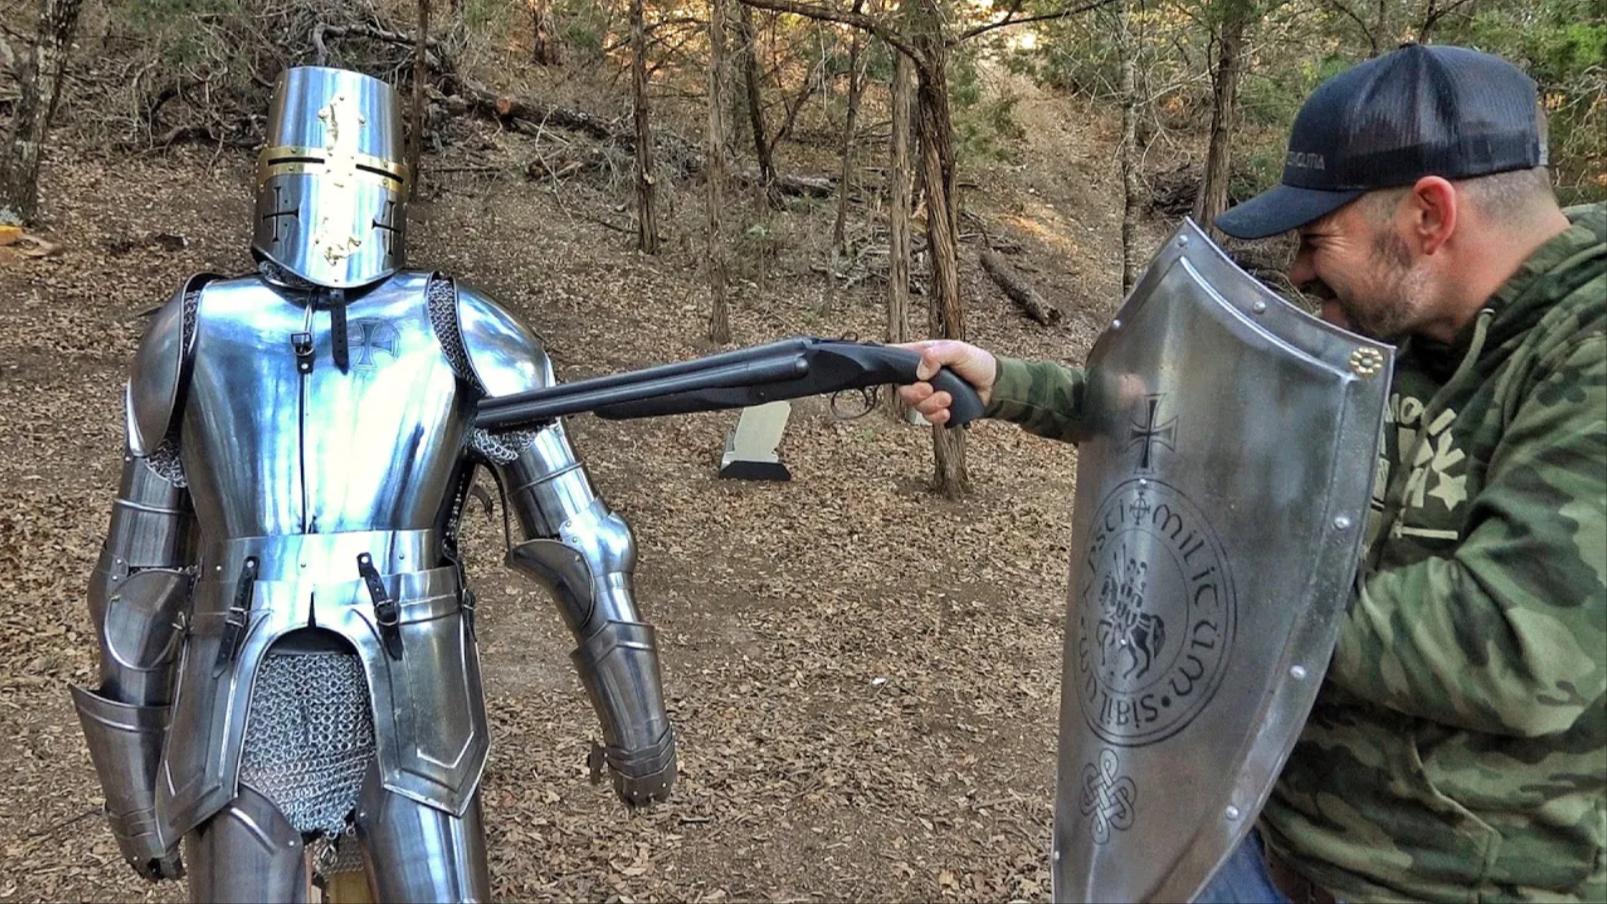 【爆破牧场/中文】大人时代变了 盔甲能挡住子弹吗?